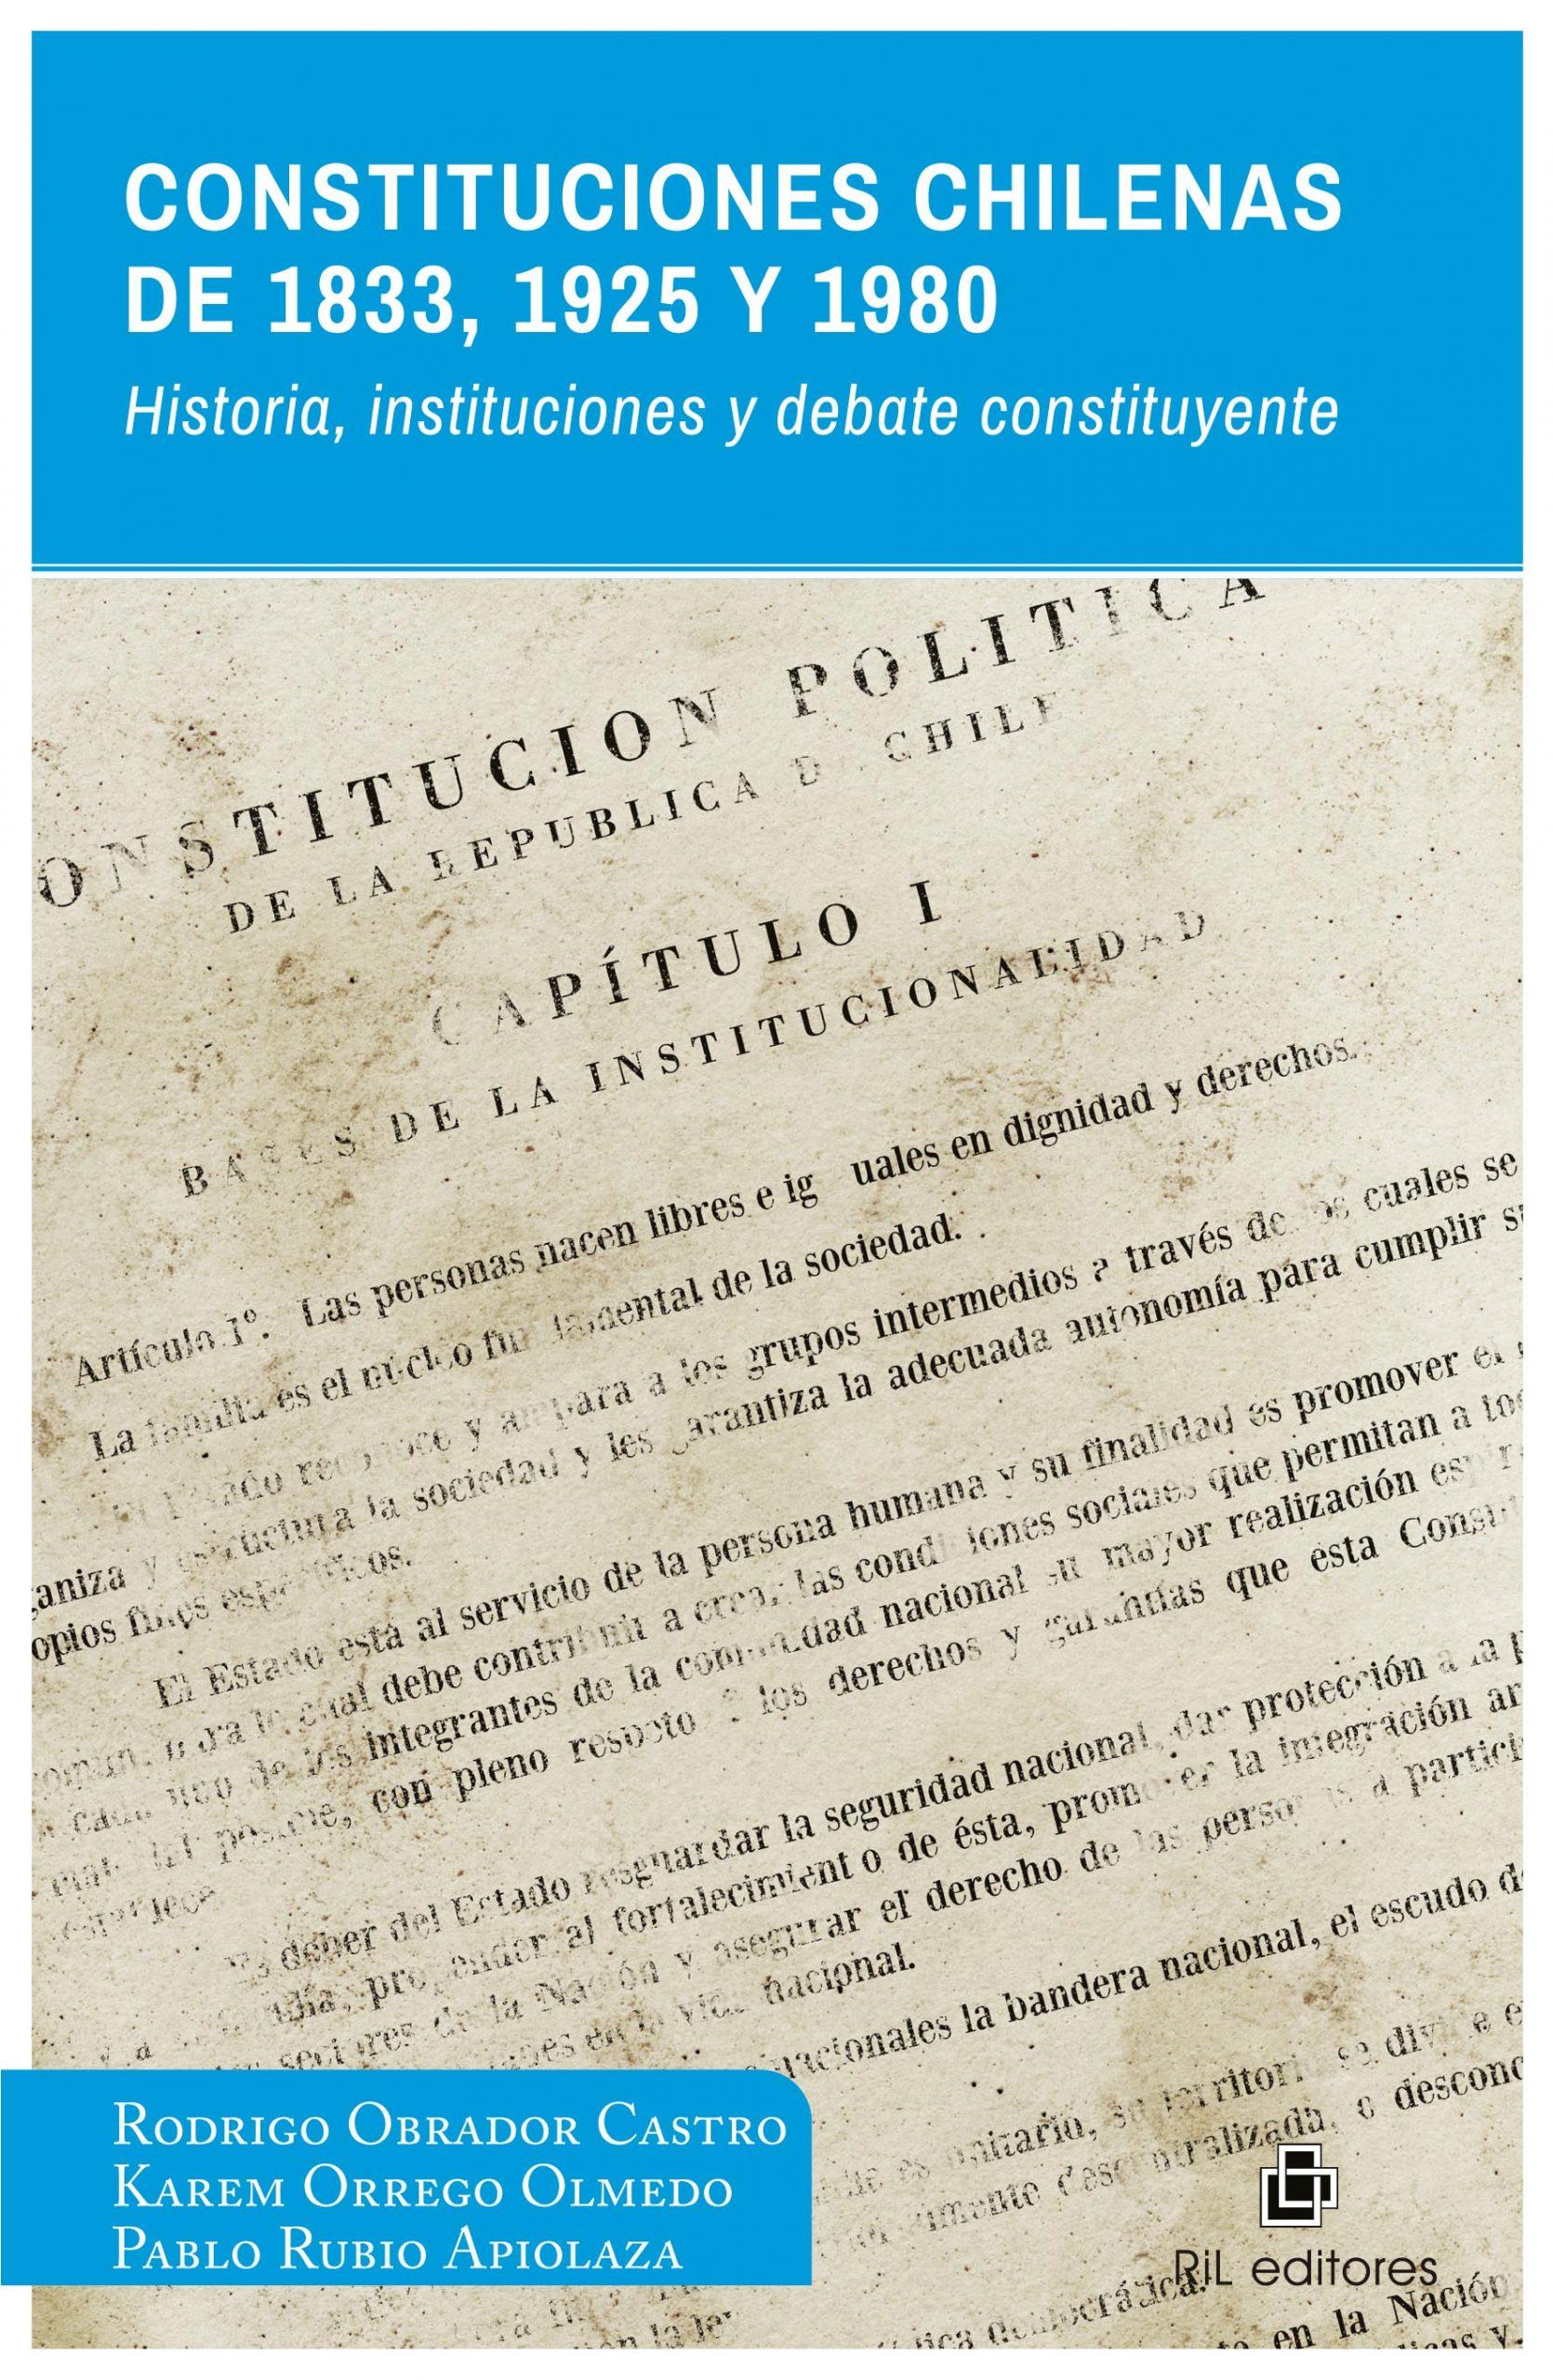 Constituciones chilenas de 1833, 1925 y 1980. Historia, instituciones y debate constituyente 1